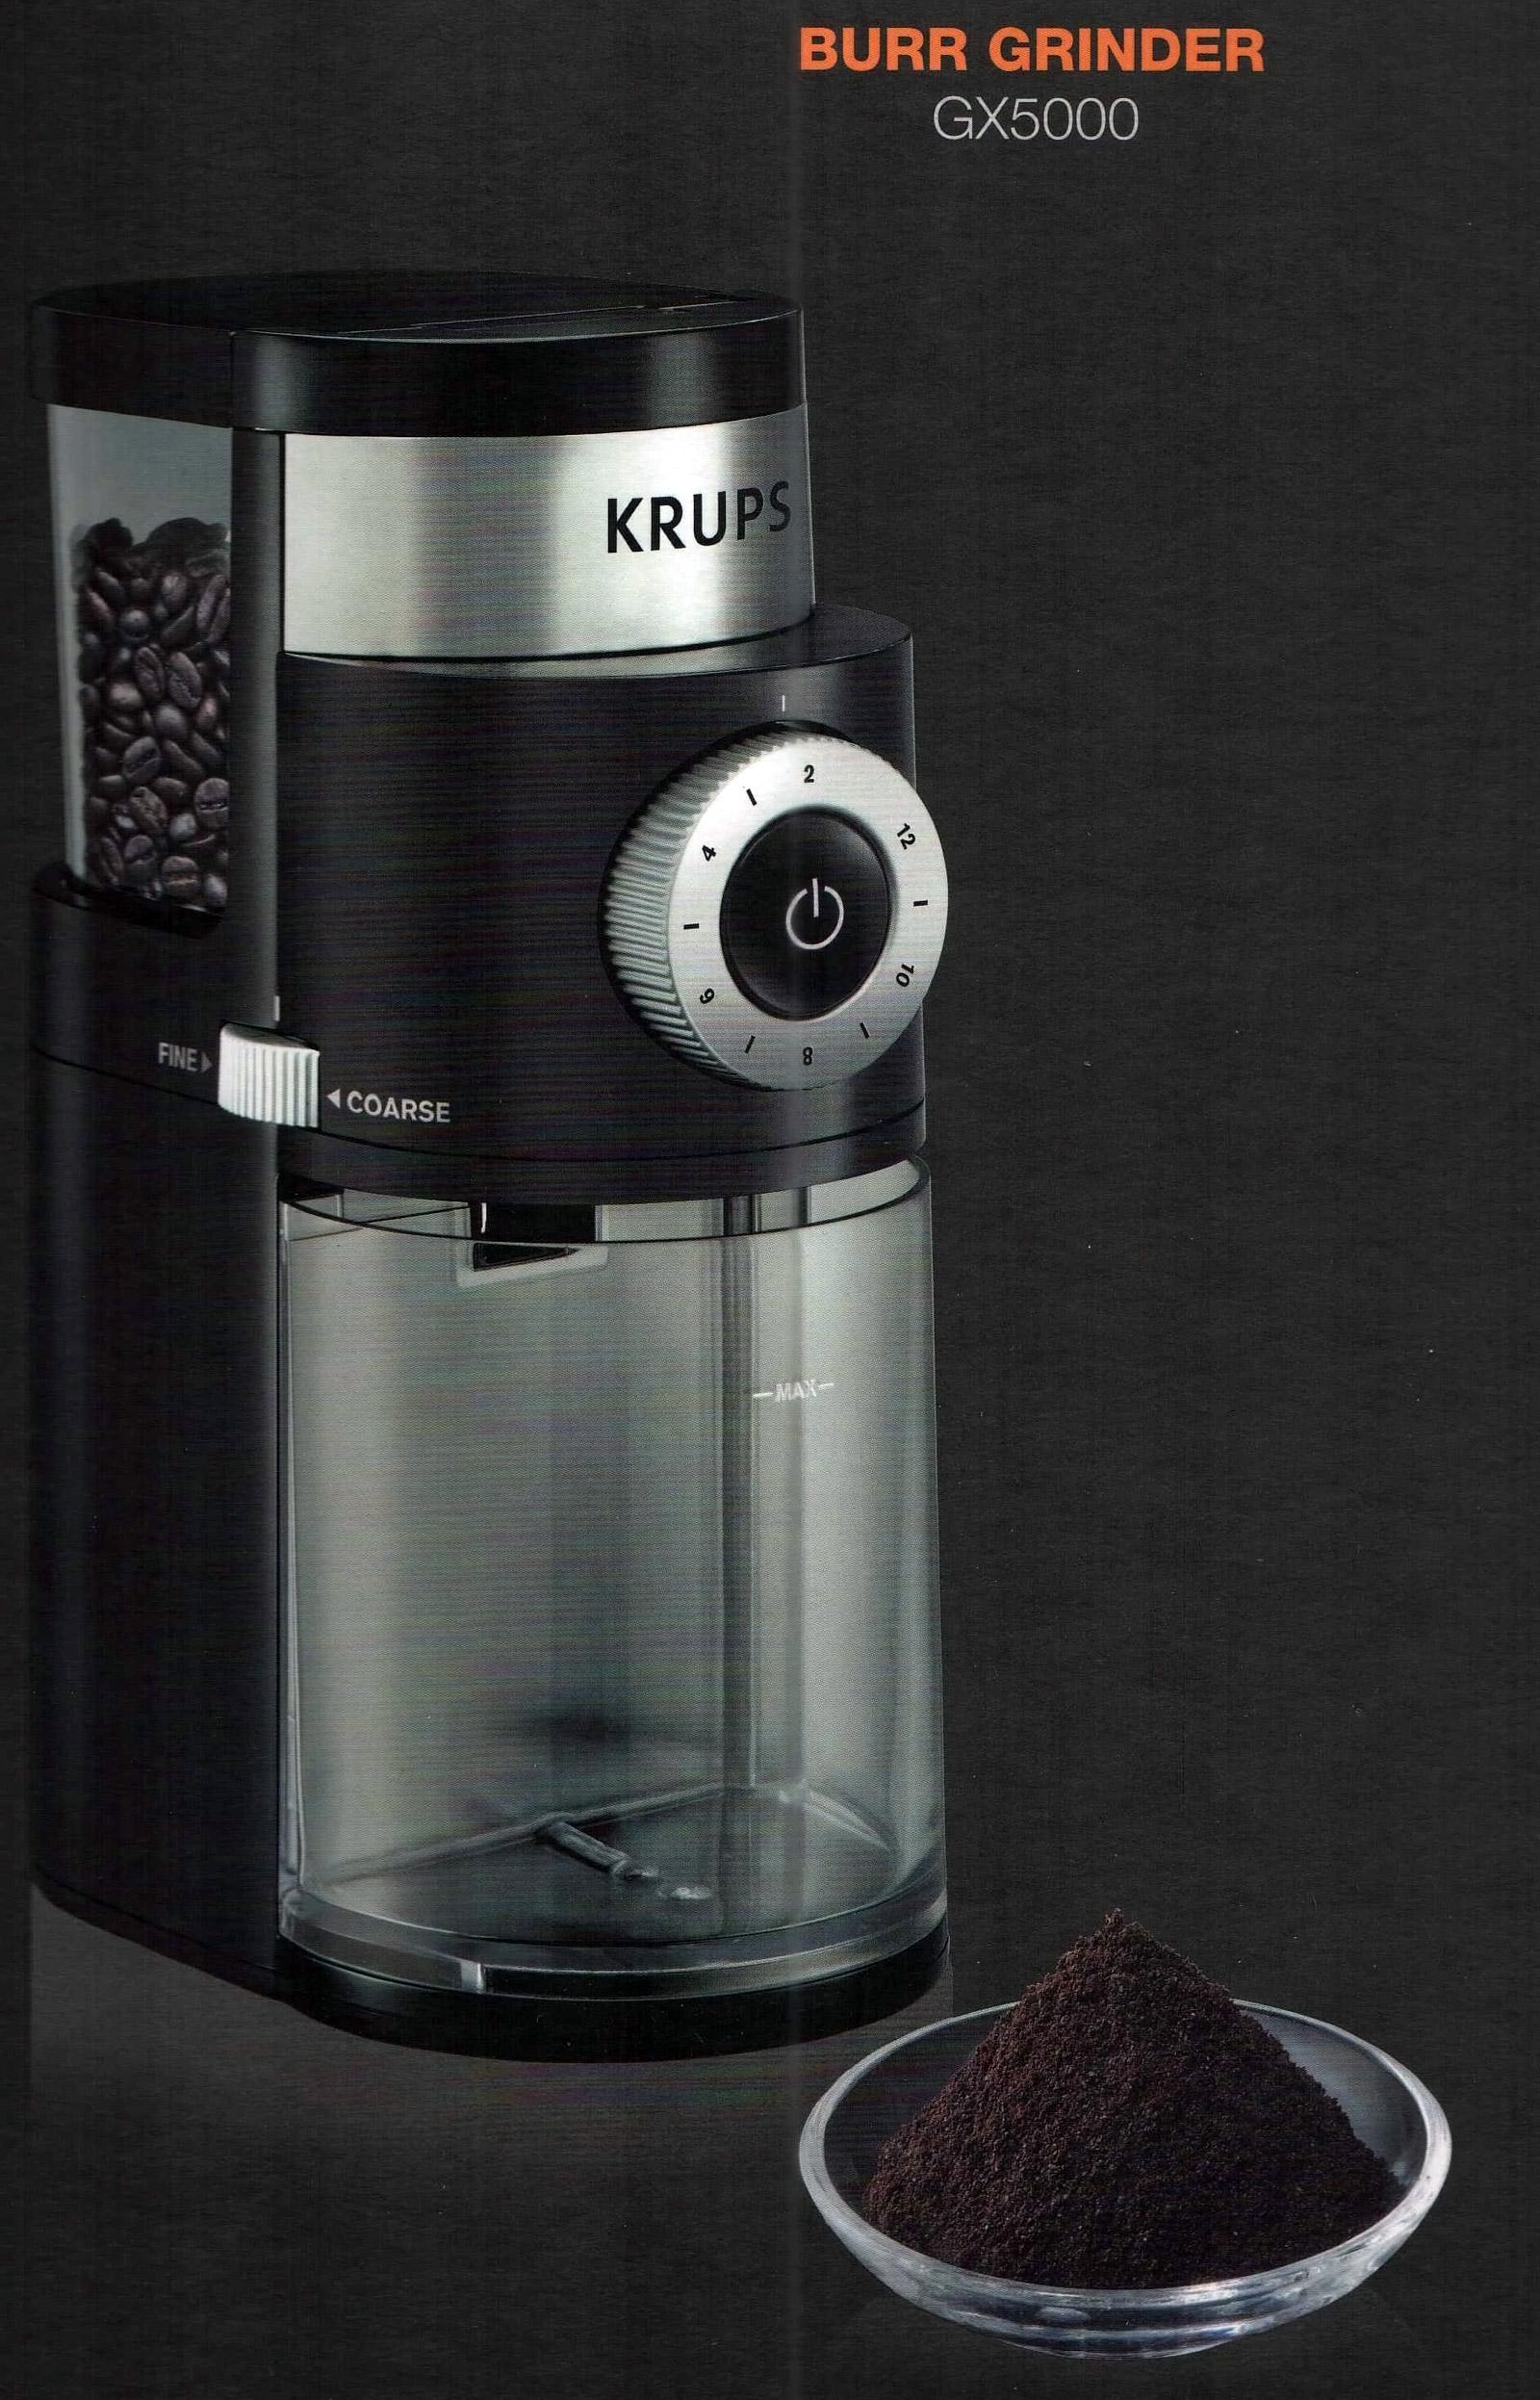 Krups GX5000 Burr Grinder